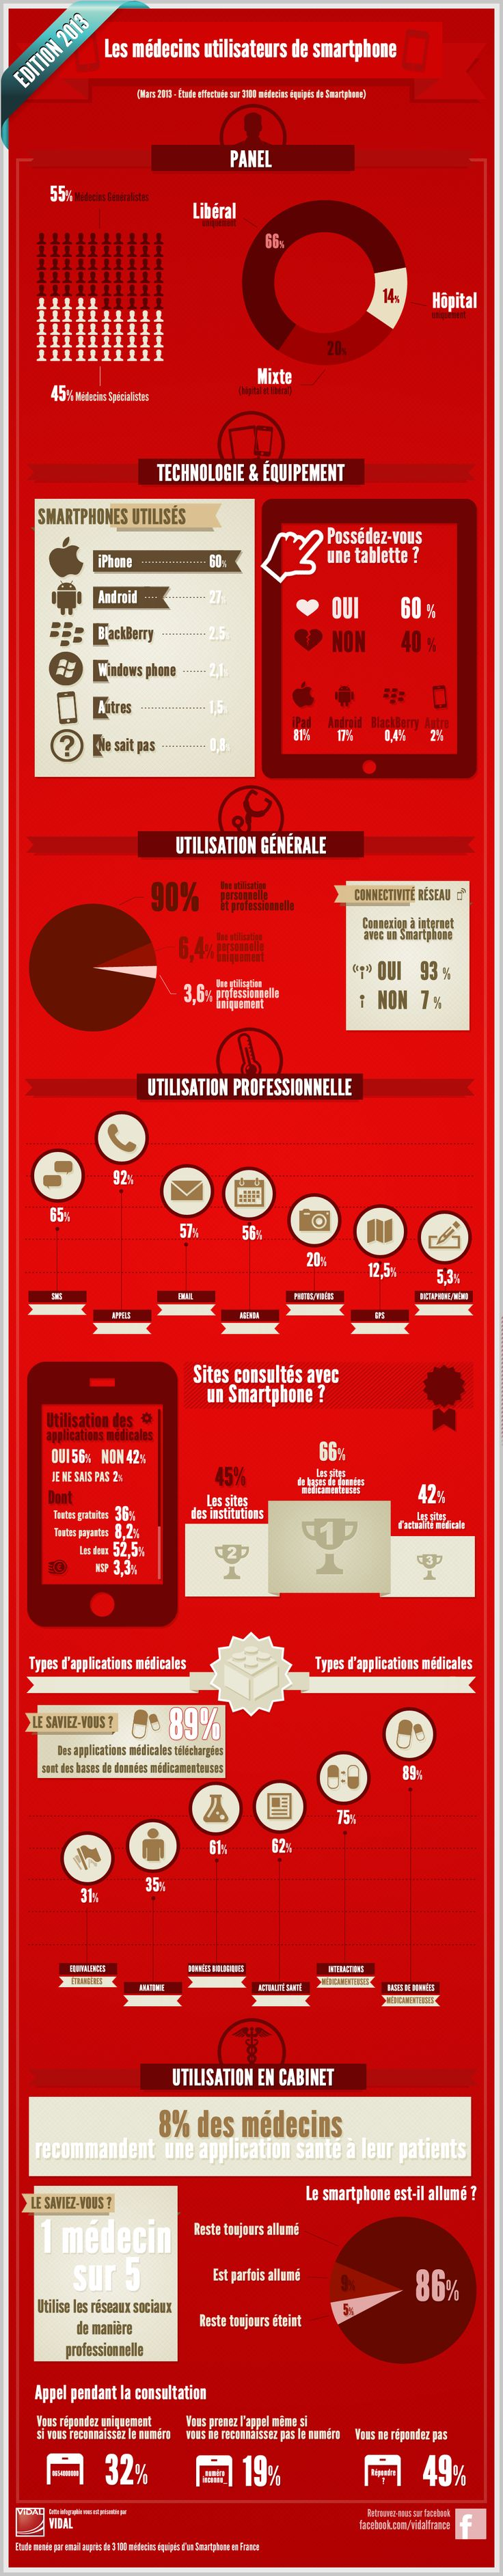 Les médecins utilisateurs de smartphone en 2013